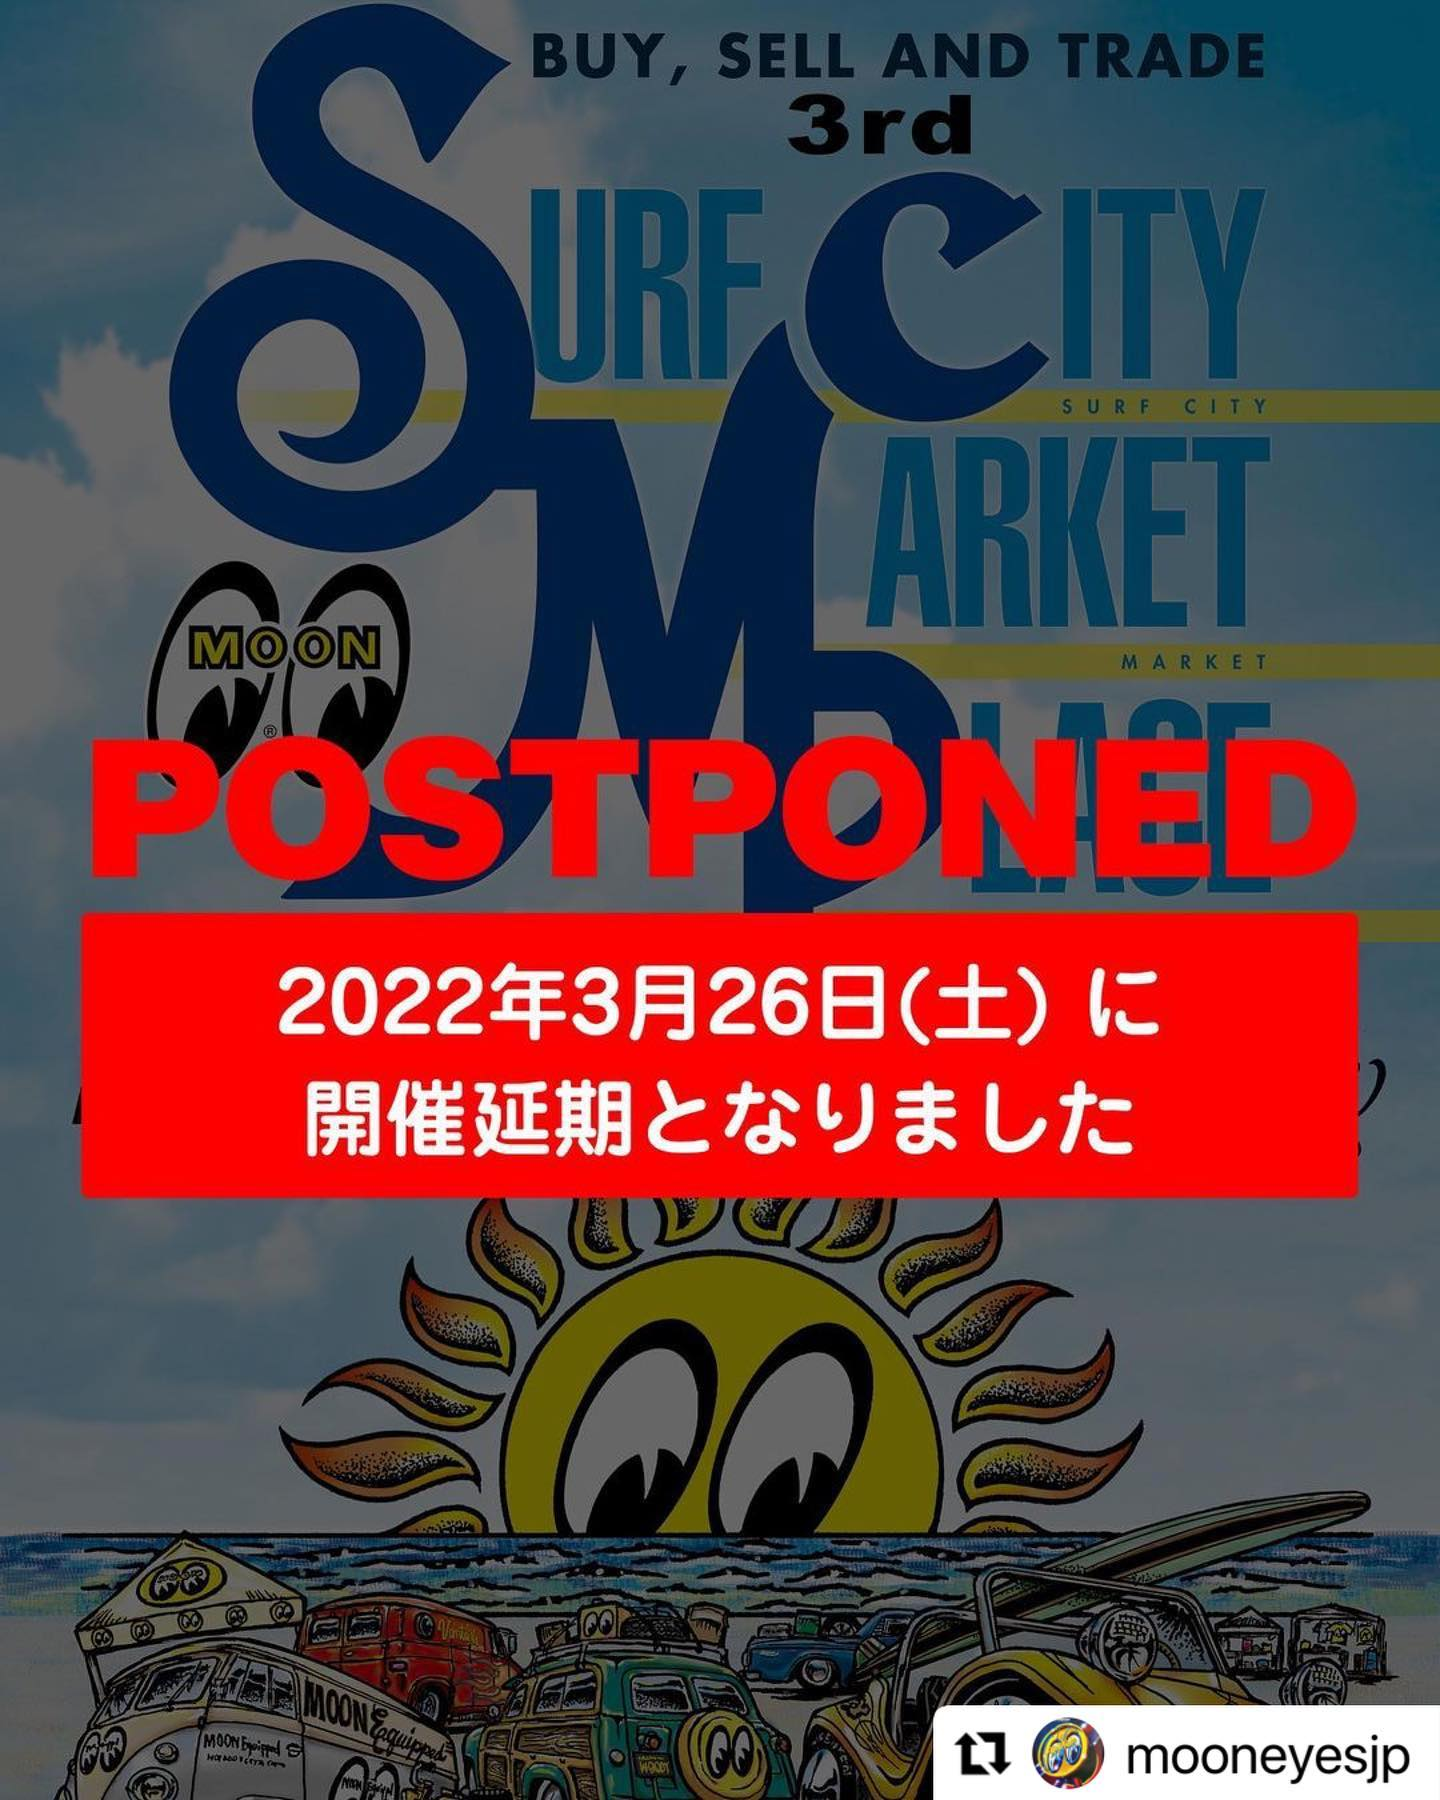 千葉での開催楽しみでしたが残念です#Repost @mooneyesjp with @make_repost・・・.【POSTPONED / 開催延期】Buy, Sell and Trade 3rd Surf City Market Place by the Sea------------------【開催延期のお知らせ】10月3日(日) にハーバーシティ蘇我にて予定しておりました、Buy, Sell and Trade 3rd Surf City Market Place by the Sea は、緊急事態宣言の発令延長、新型コロナウイルス感染拡大防止の観点から2022年3月26日(土)に開催延期と致します。ご参加、ご来場をご検討いただいていた皆様には、直前でのご連絡となりました事を深くお詫び申し上げます。誠に申し訳ございません。既にエントリー頂いた皆様には、順次ご連絡をさせて頂き、次回開催分へのエントリーフィーのスライドまたは返金ご希望の方は、申し訳ございませんが事務手数料 ¥1,000を差し引いた金額をご返金させて頂きます。お客様へのご連絡は、順次進めてまいりますので、多少お時間がかかる可能性があります事をご了承ください。ご迷惑をお掛けいたしますが、何卒ご理解のほどよろしくお願い申し上げます。何かご不明点がある場合は、ご連絡ください。------------------POSTPONED to Saturday, March 26th, 2022The Buy, Sell and Trade 3rd Surf City Market Place that was scheduled on Sunday, October 3rd is postponed due to the extension of the state of emergency by the government.We deeply apologize for the late notice, for all of the people who were looking forward to the event.We are hoping to meet everyone in next year's Buy, Sell and Trade 3rd Surf City Market Place. And we will be preparing to make it to an event that everyone can enjoy.Thank you for your understanding and cooperation.#moon #mooneyes #mooneyesevent #scmp2021 #surfcitymarketplace #scmp #swapmeet #harborcitysoga #ムーンアイズ #ムーンアイズイベント #スワップミート #ハーバーシティ蘇我 #開催延期